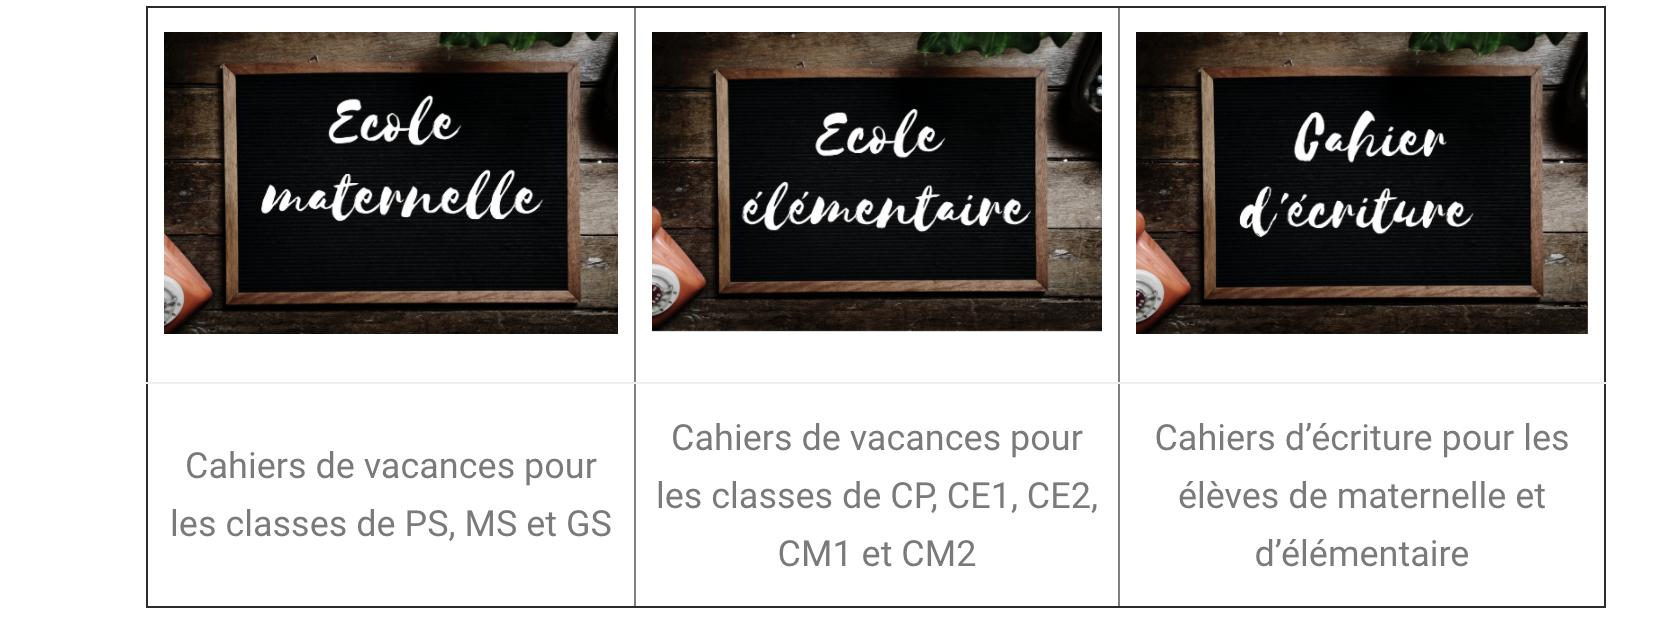 Cahiers De Vacances Gratuits Avec Le Site Editions Rosace tout Cahier De Vacances À Imprimer